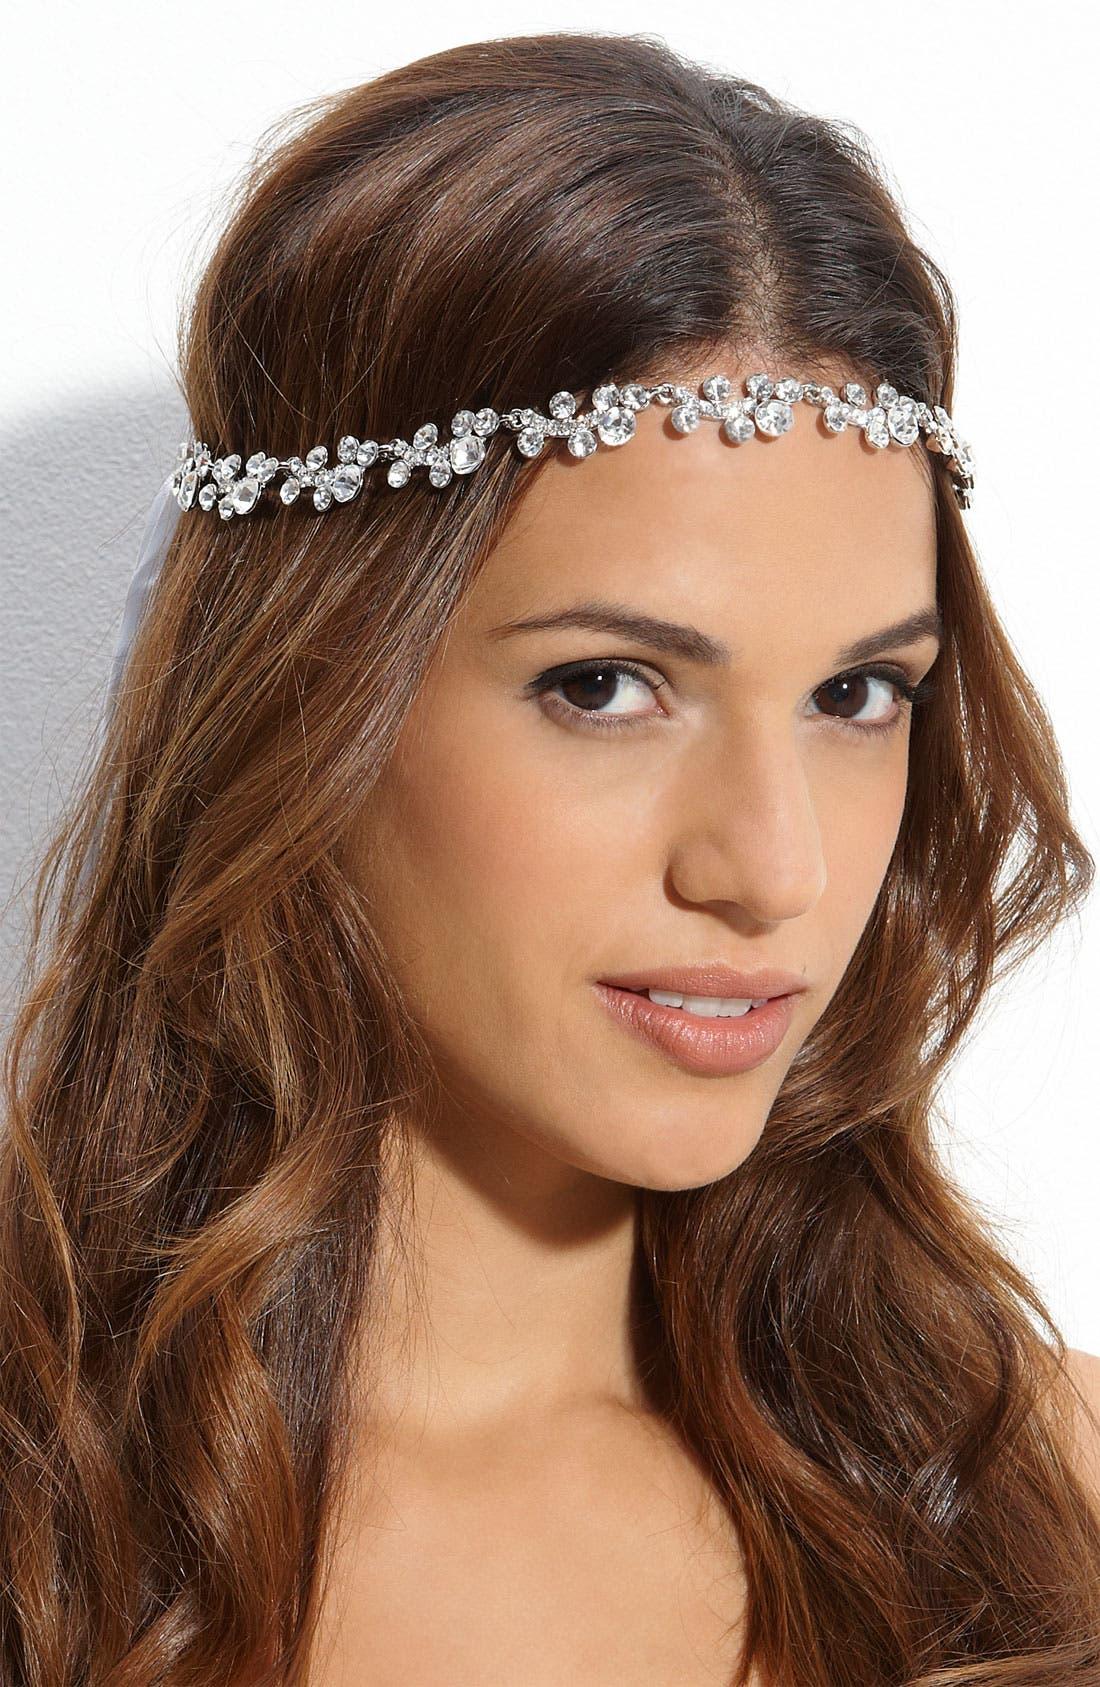 Main Image - Tasha 'Crystal Tiara' Head Wrap